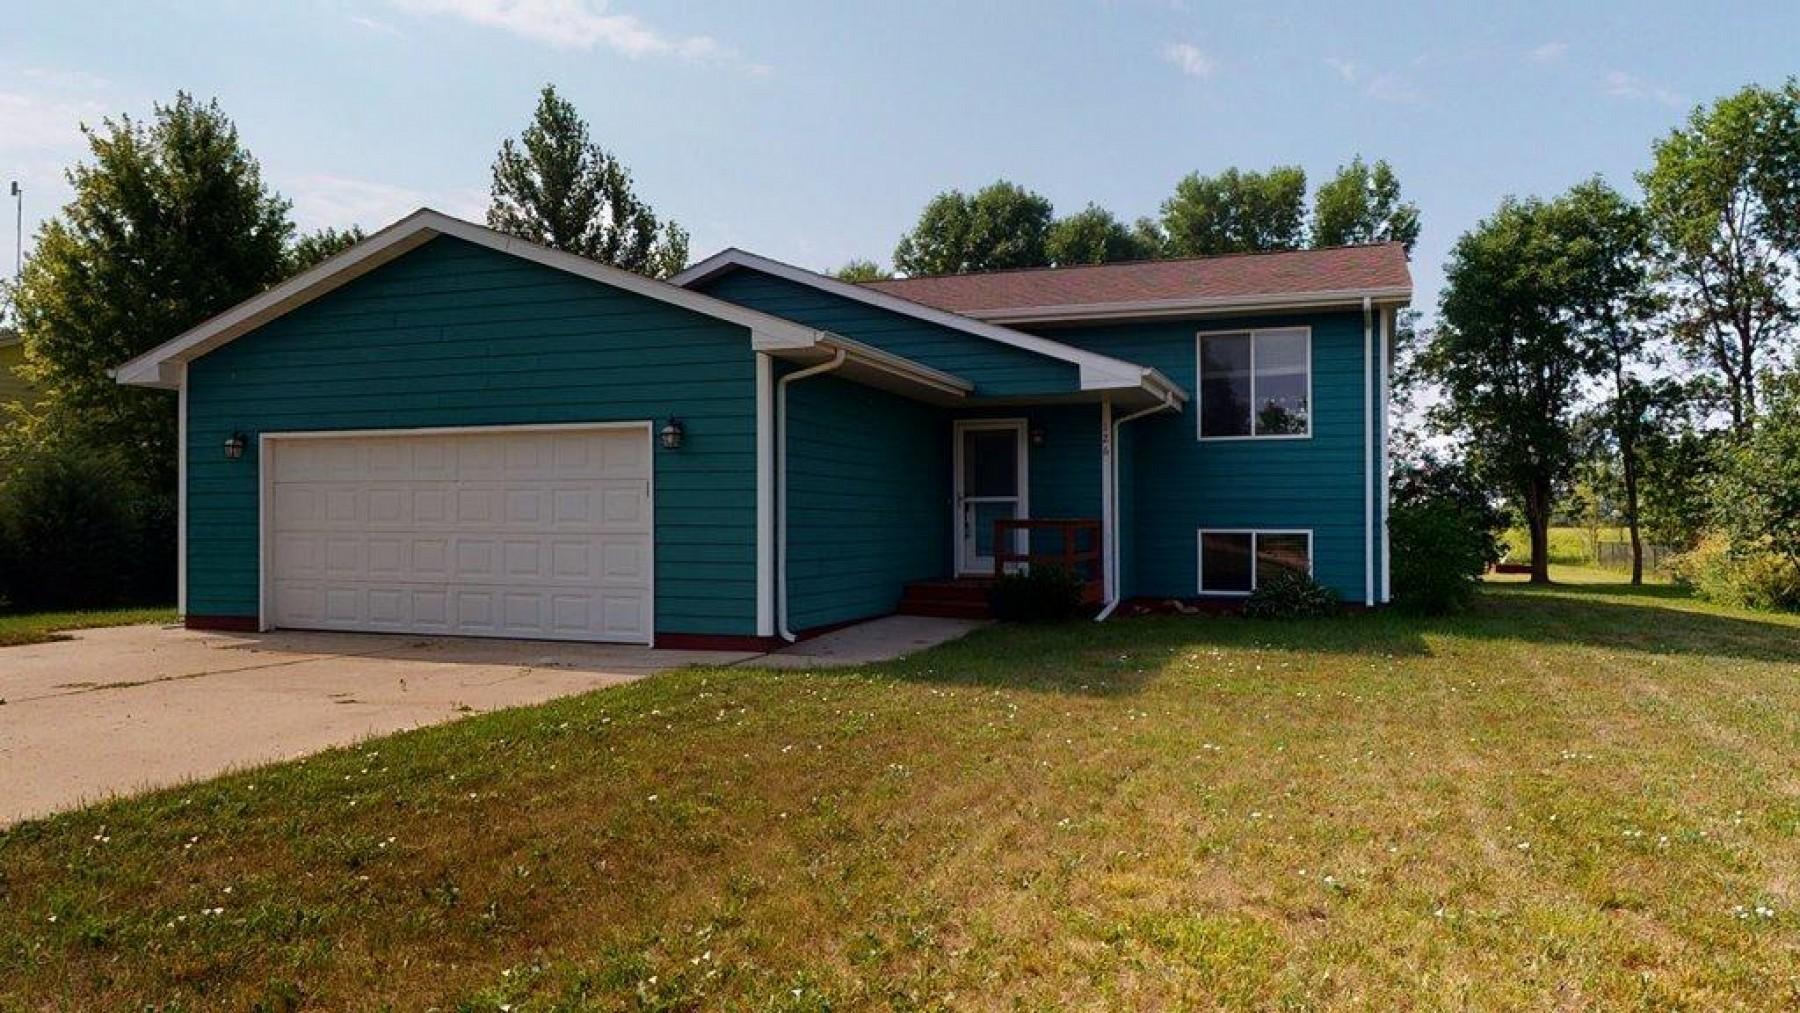 126 Twin OaksLane, Brookings, SD 57006